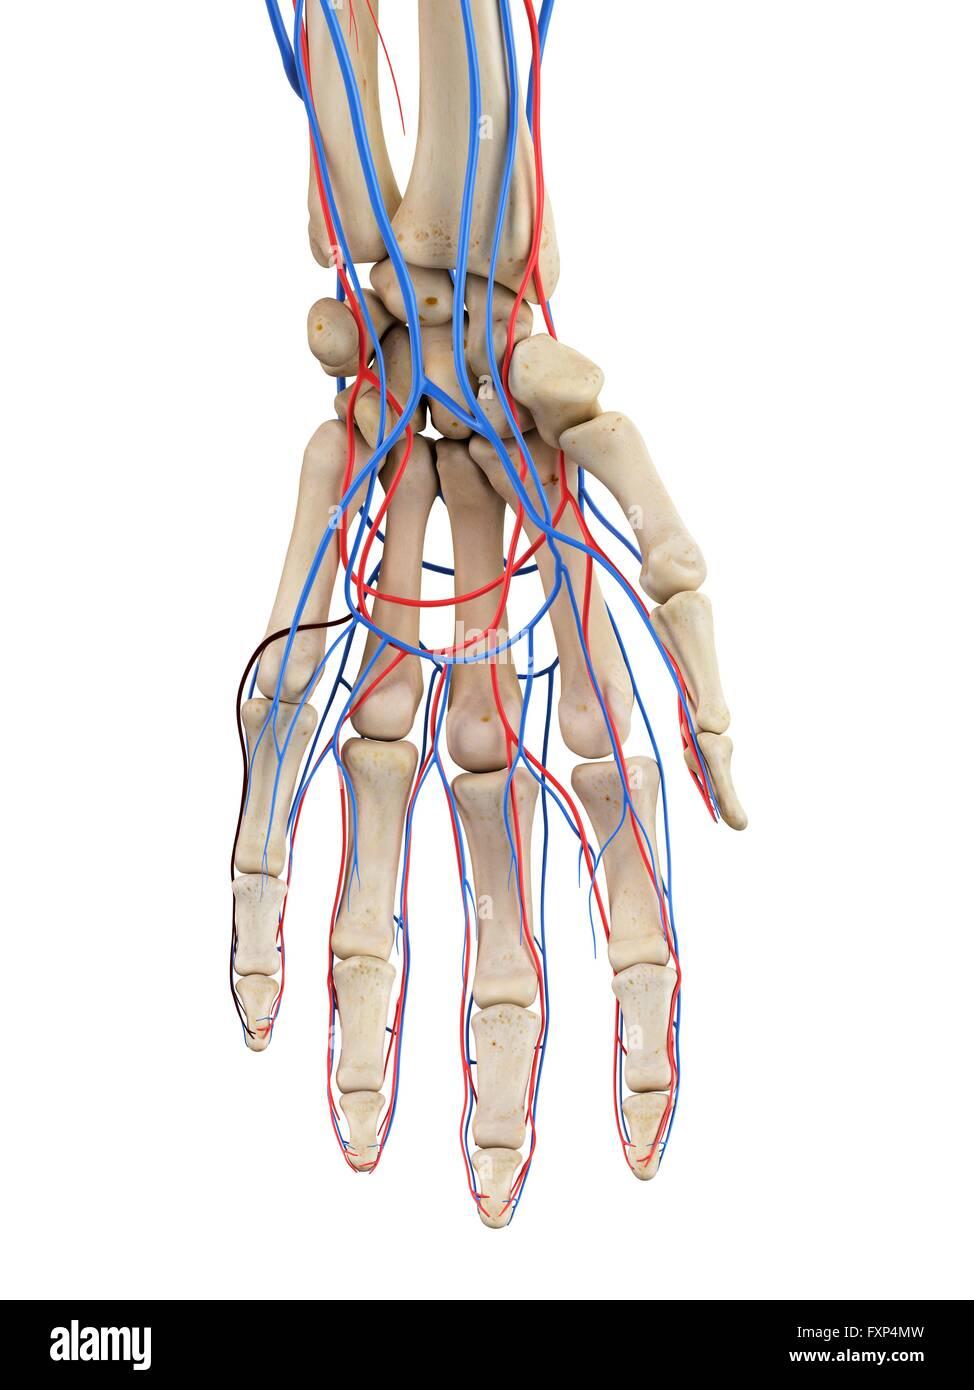 Großartig Venen Arterien Ideen - Anatomie Und Physiologie Knochen ...